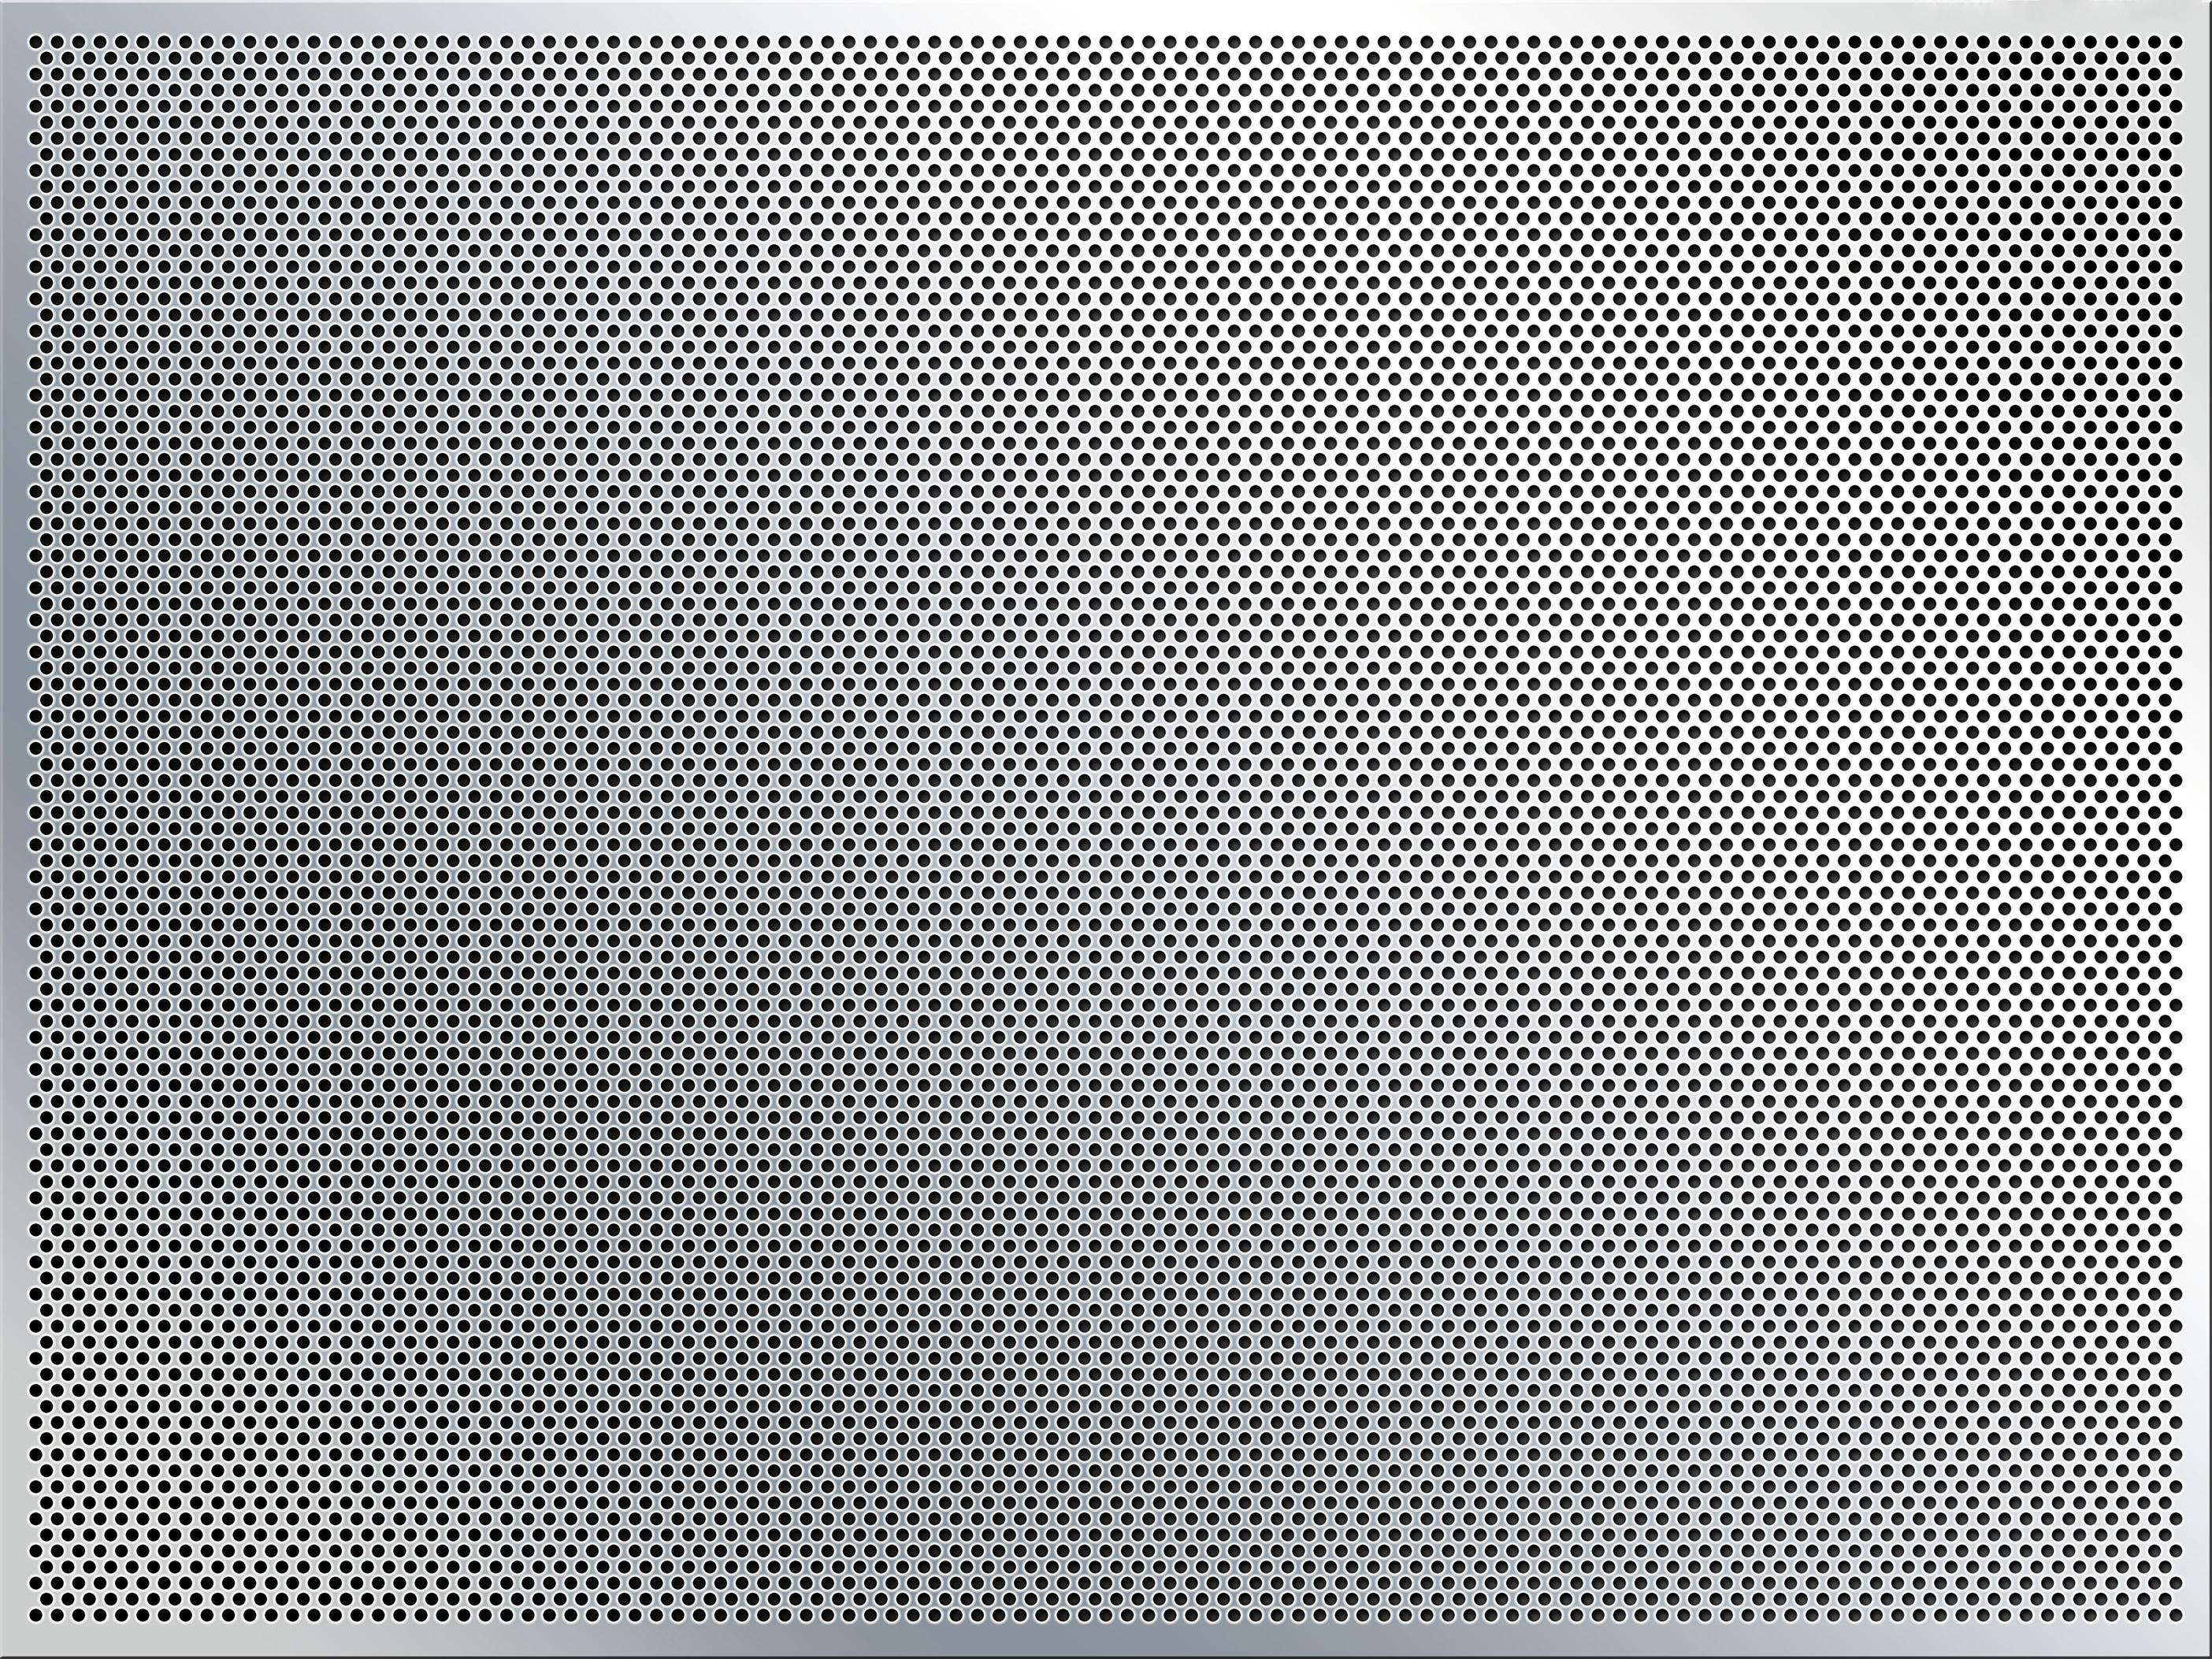 Aluminium texture background download photos aluminum texture 2808x2106